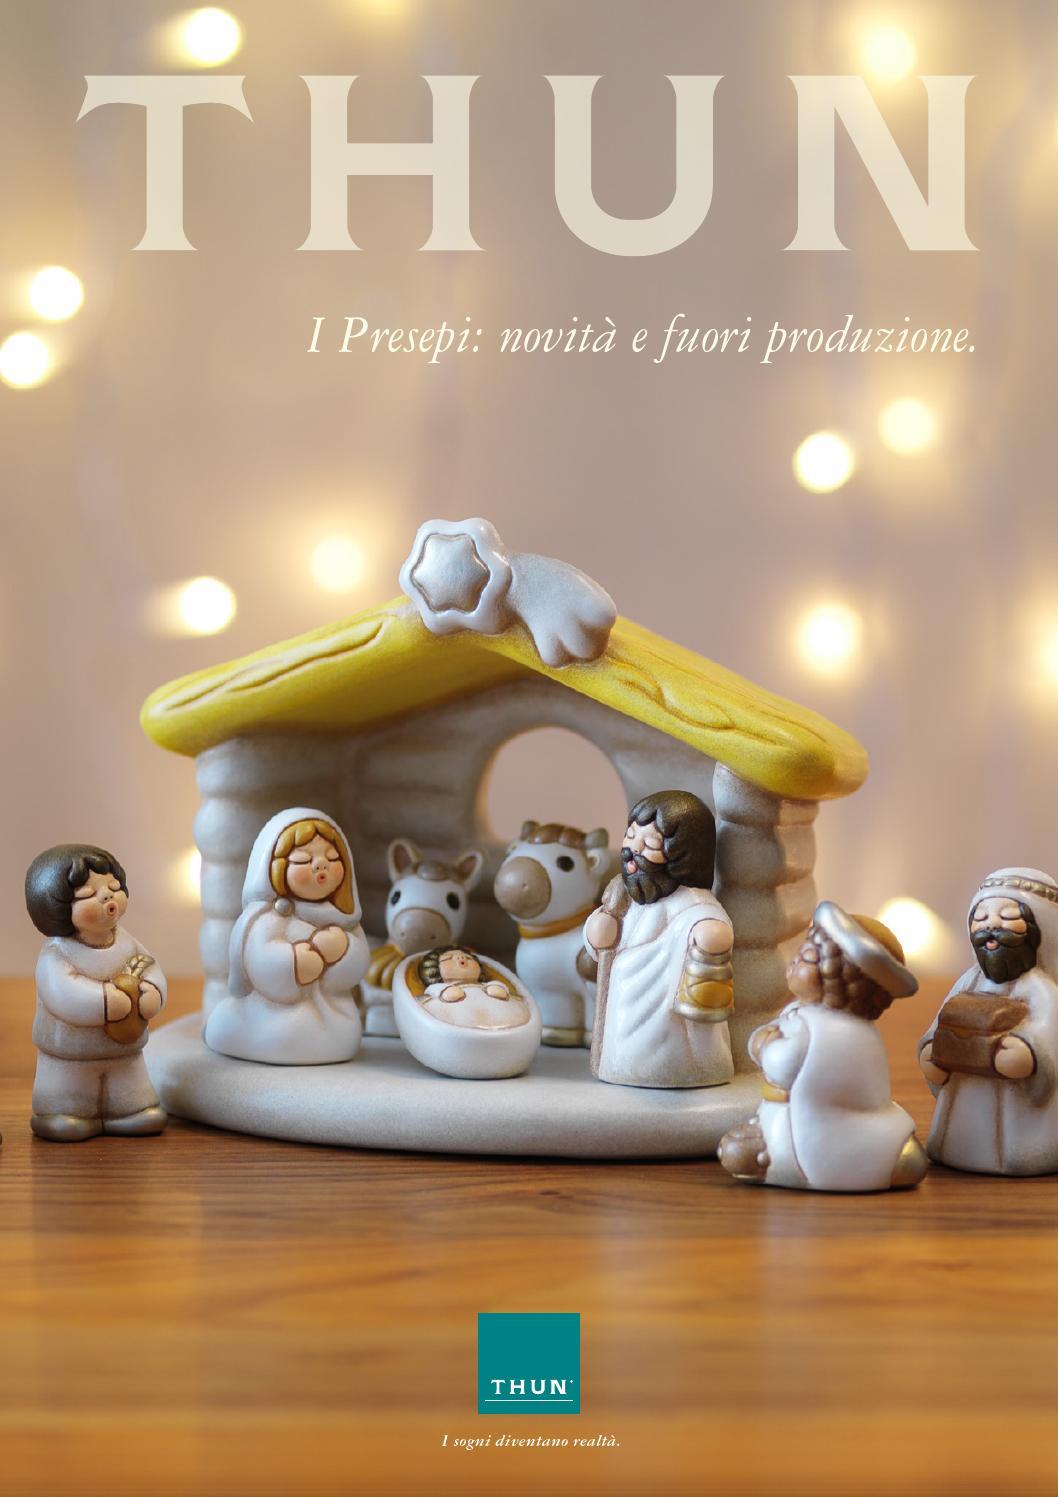 Amato I Presepi: novità e fuori produzione. by Thun spa - issuu GH66